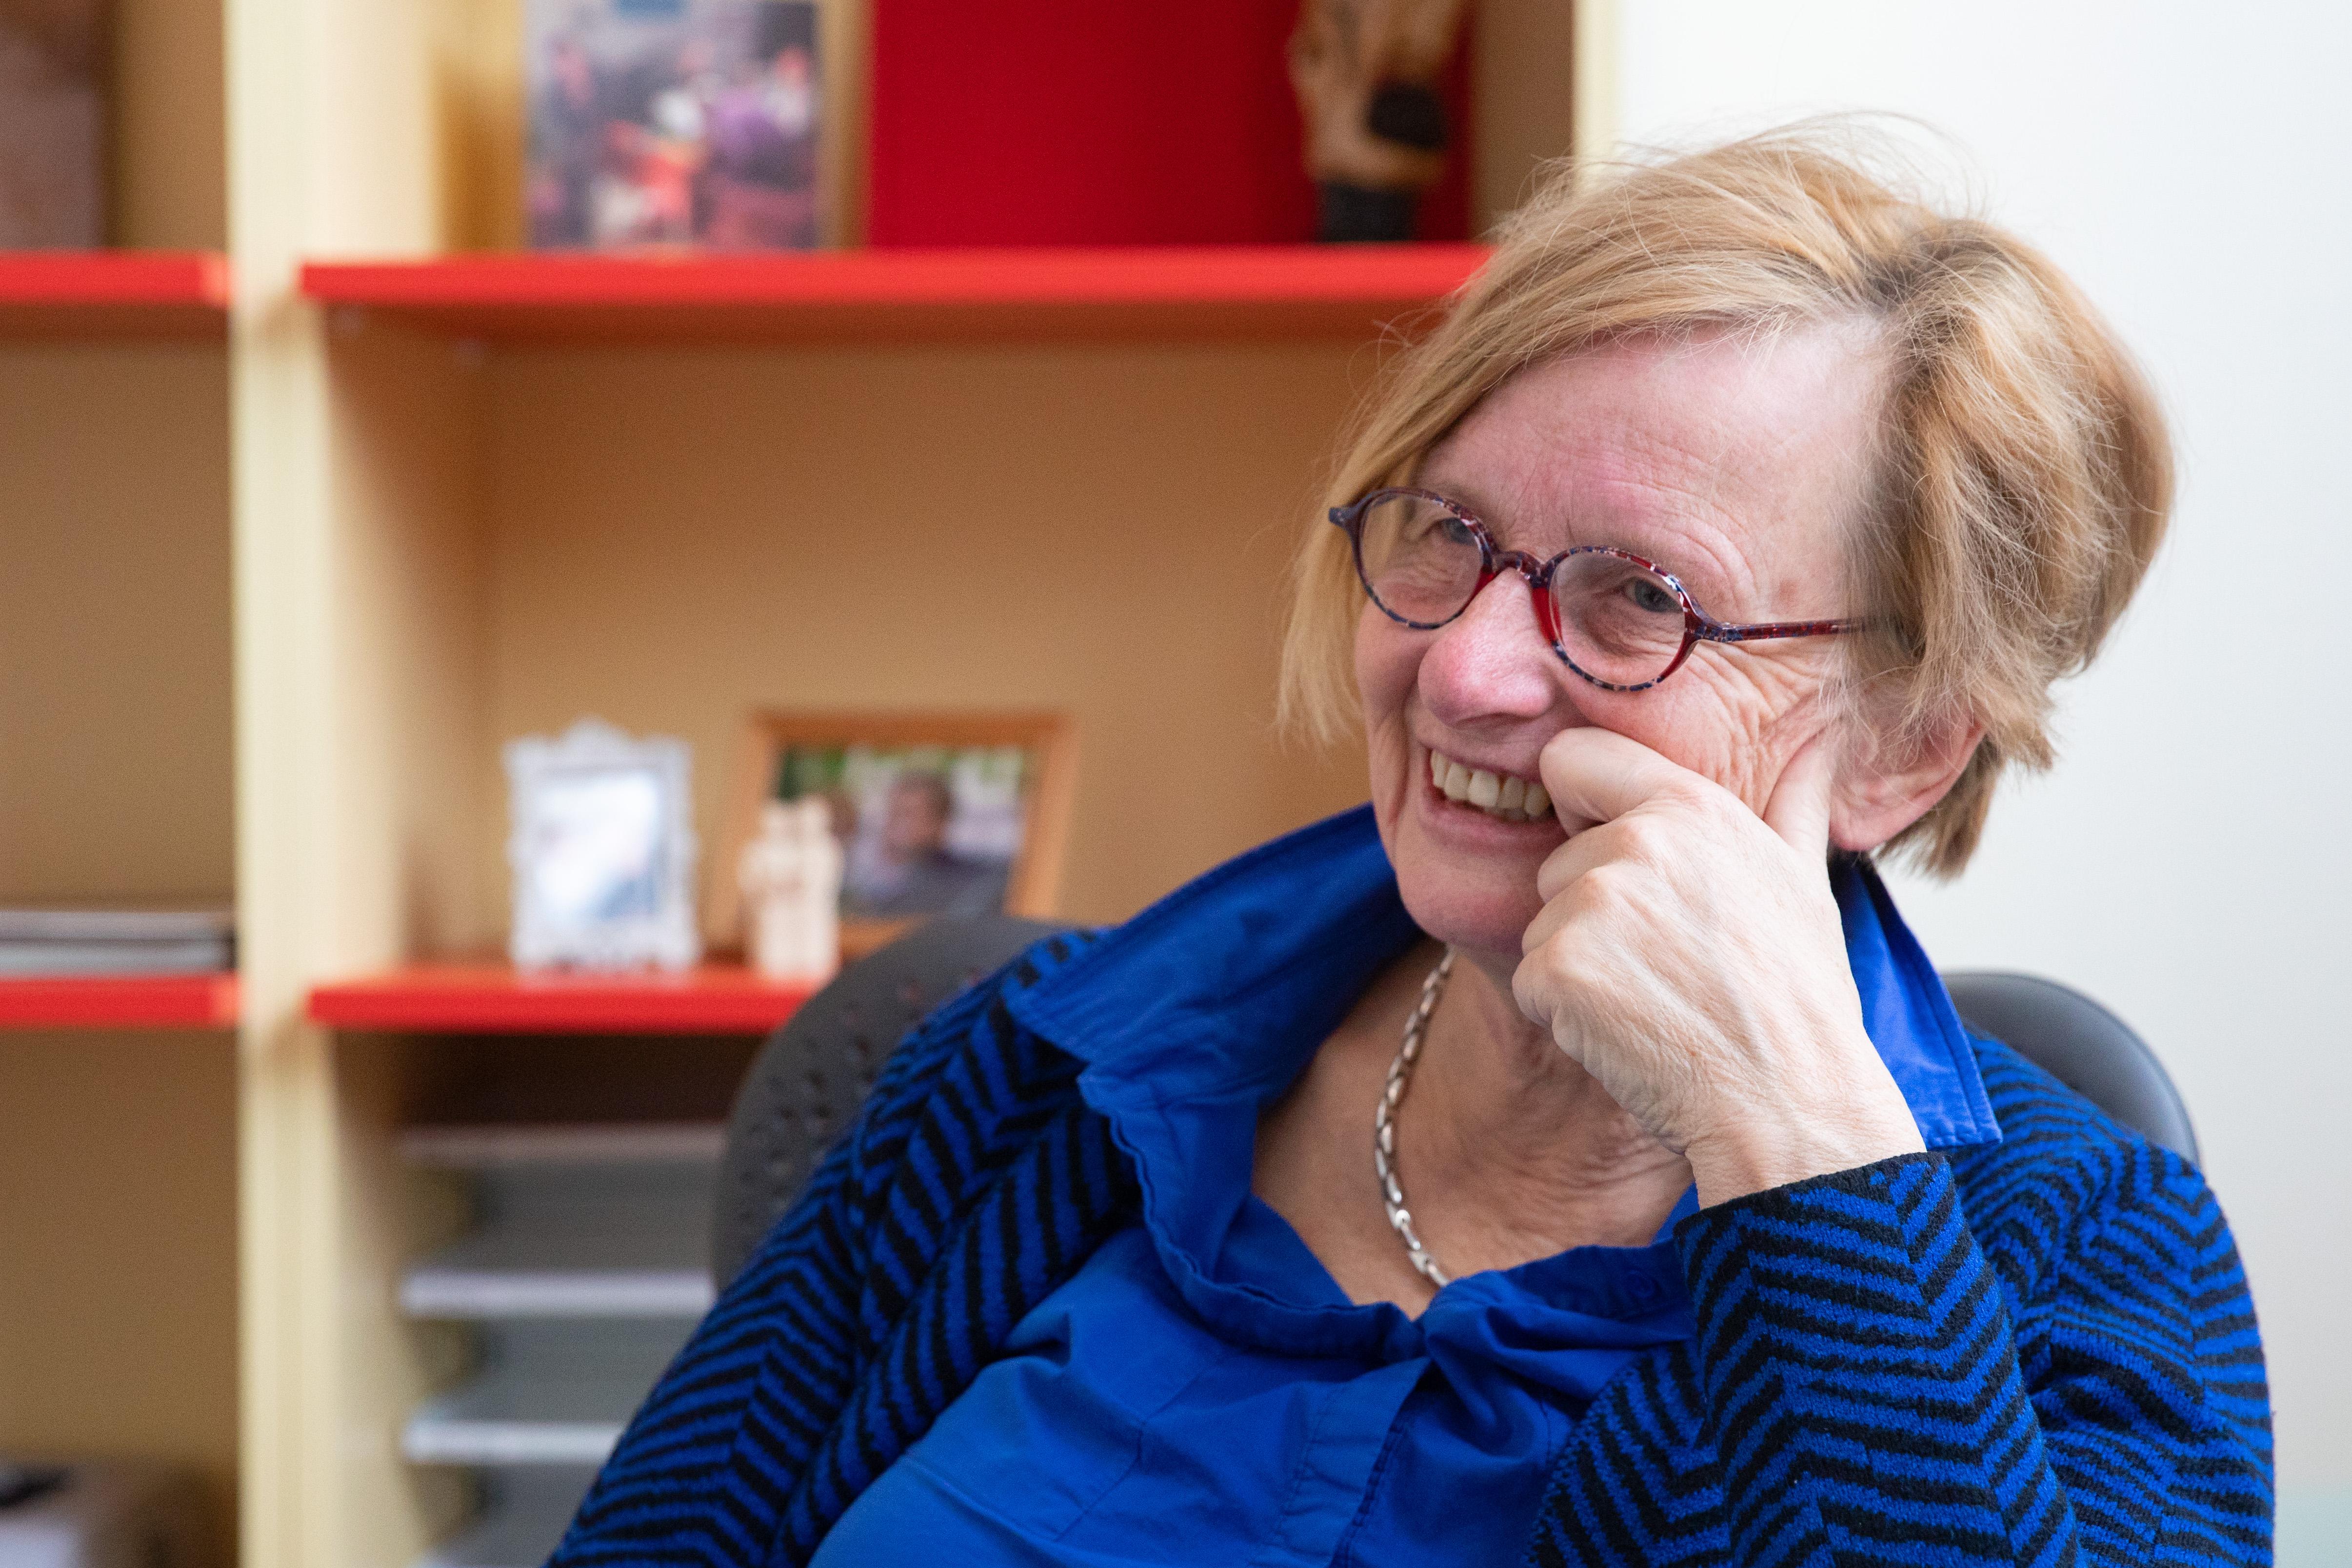 Dokter Witteveen neemt na dertig jaar lief en leed afscheid van haar patiënten. (Tekst: Marsha Bakker / Foto: Vincent de Vries/ RM)